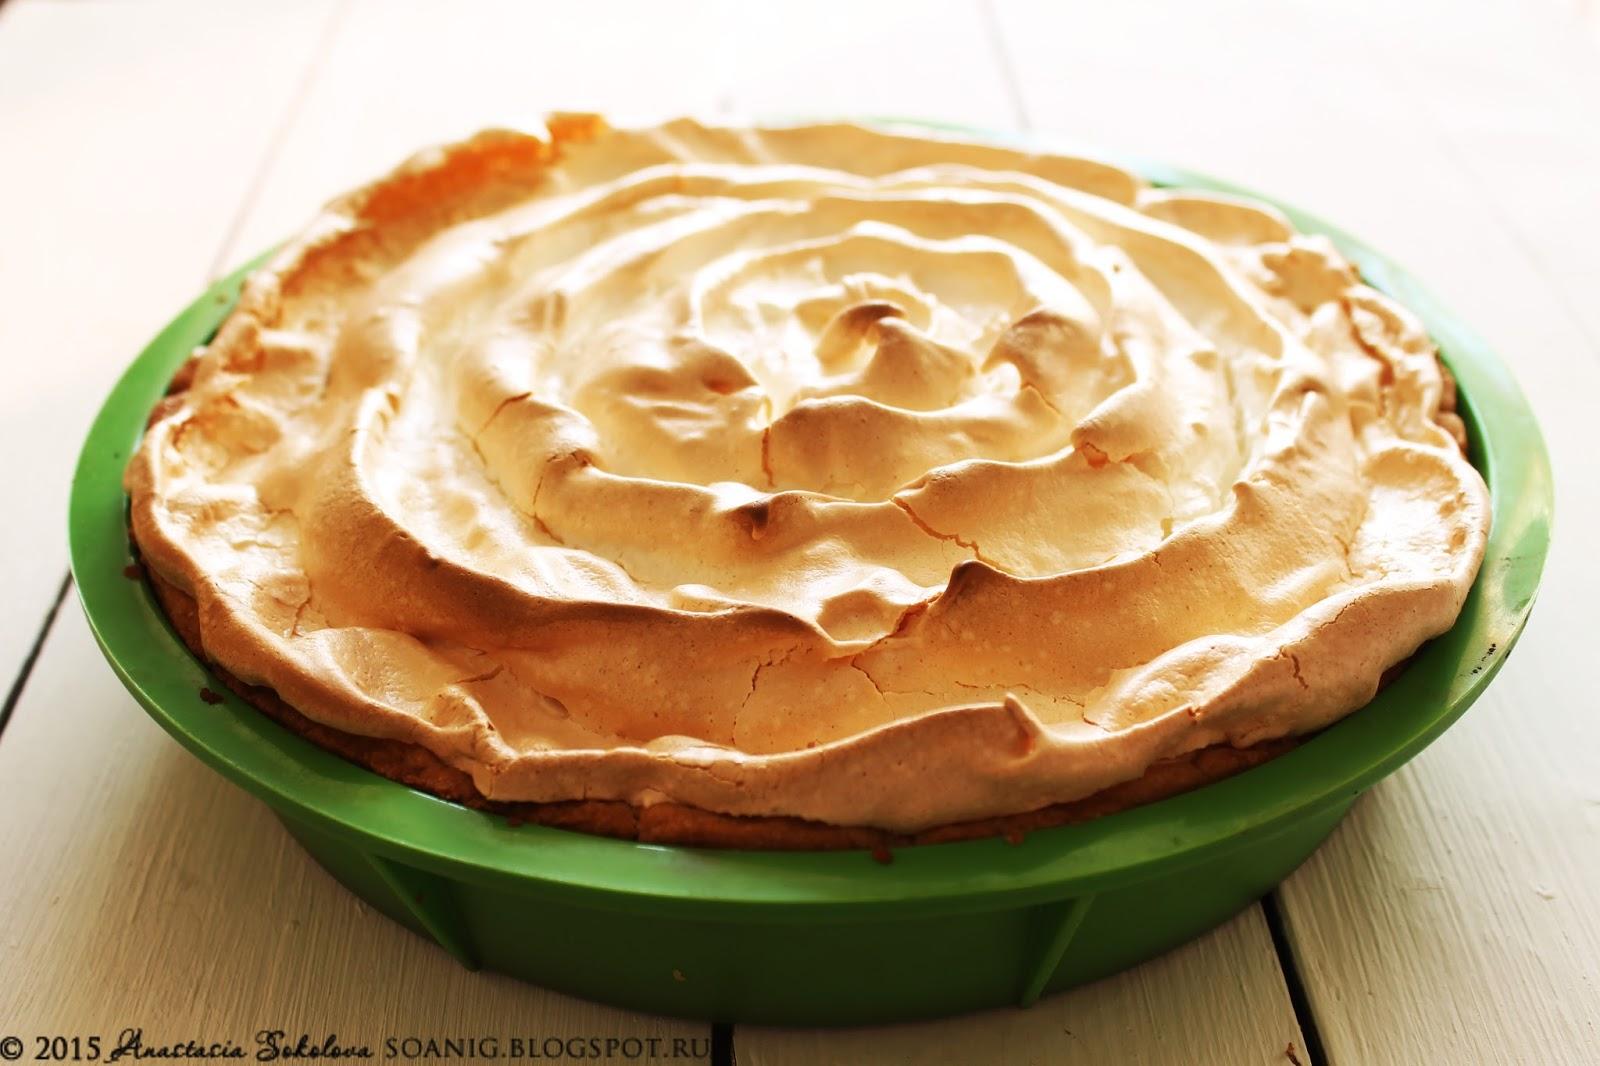 Песочный пирог с меренгой рецепт